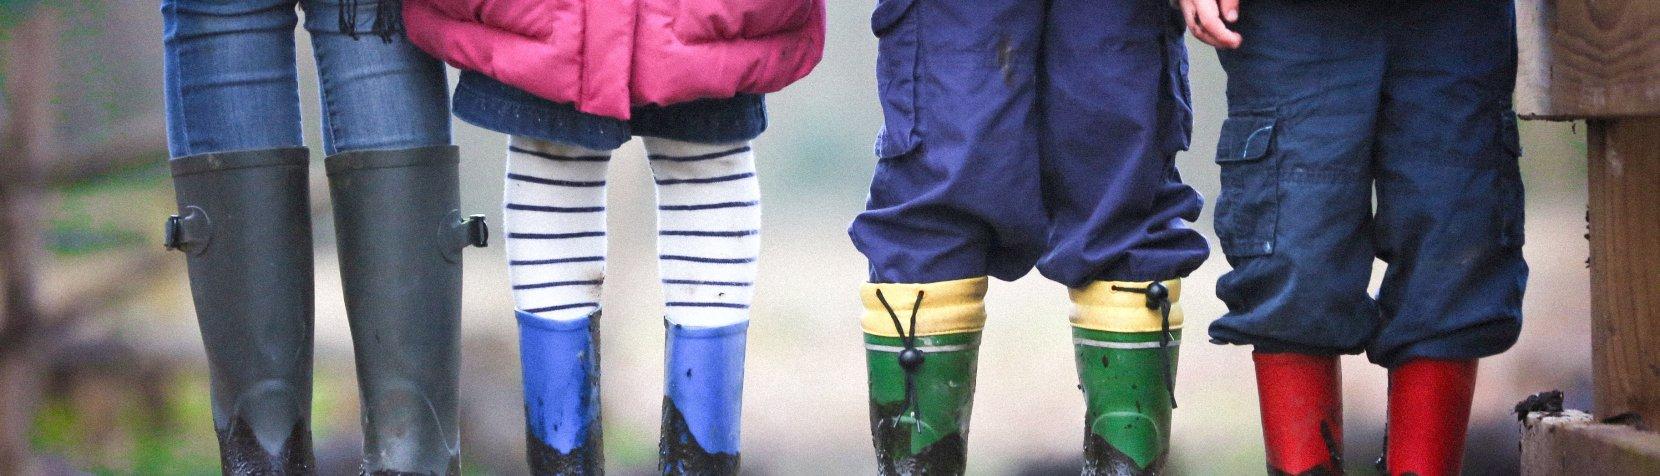 Børneben - reklame for Oplev for børn nyhedsbrev